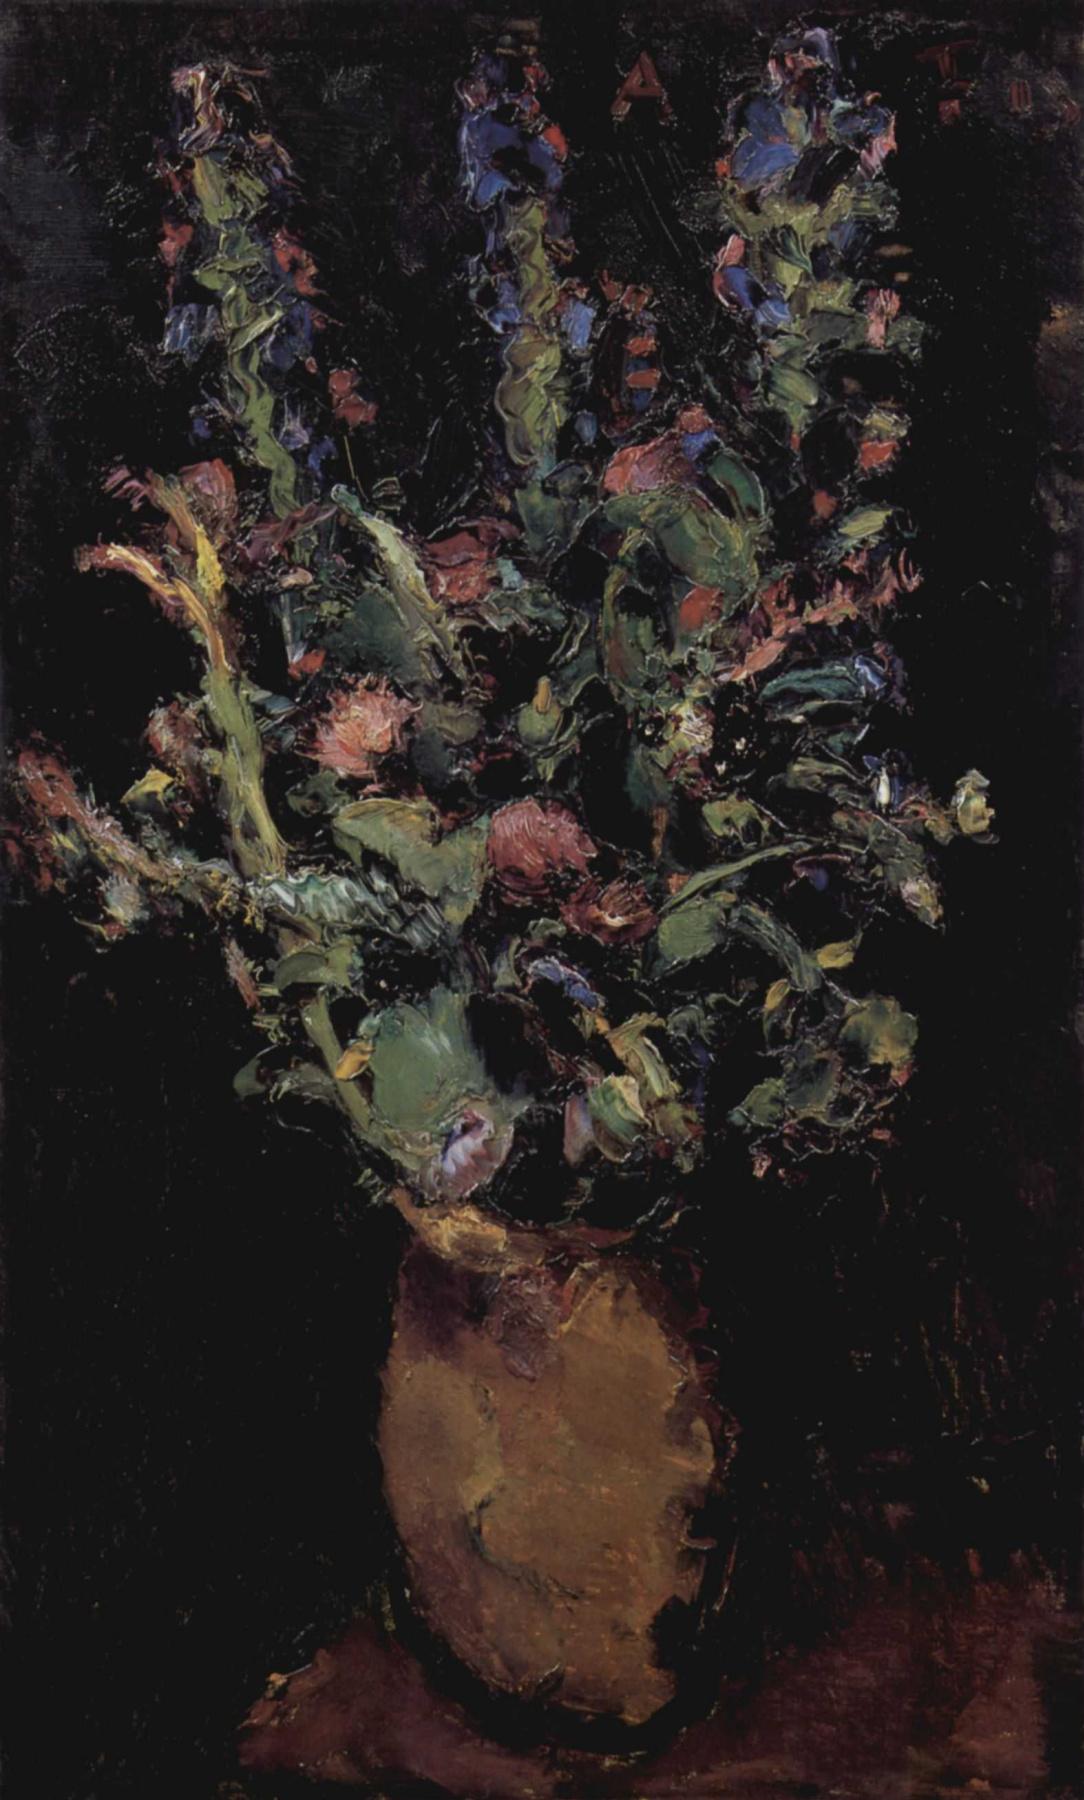 Anton Faistauer. Flower still life with Larkspur